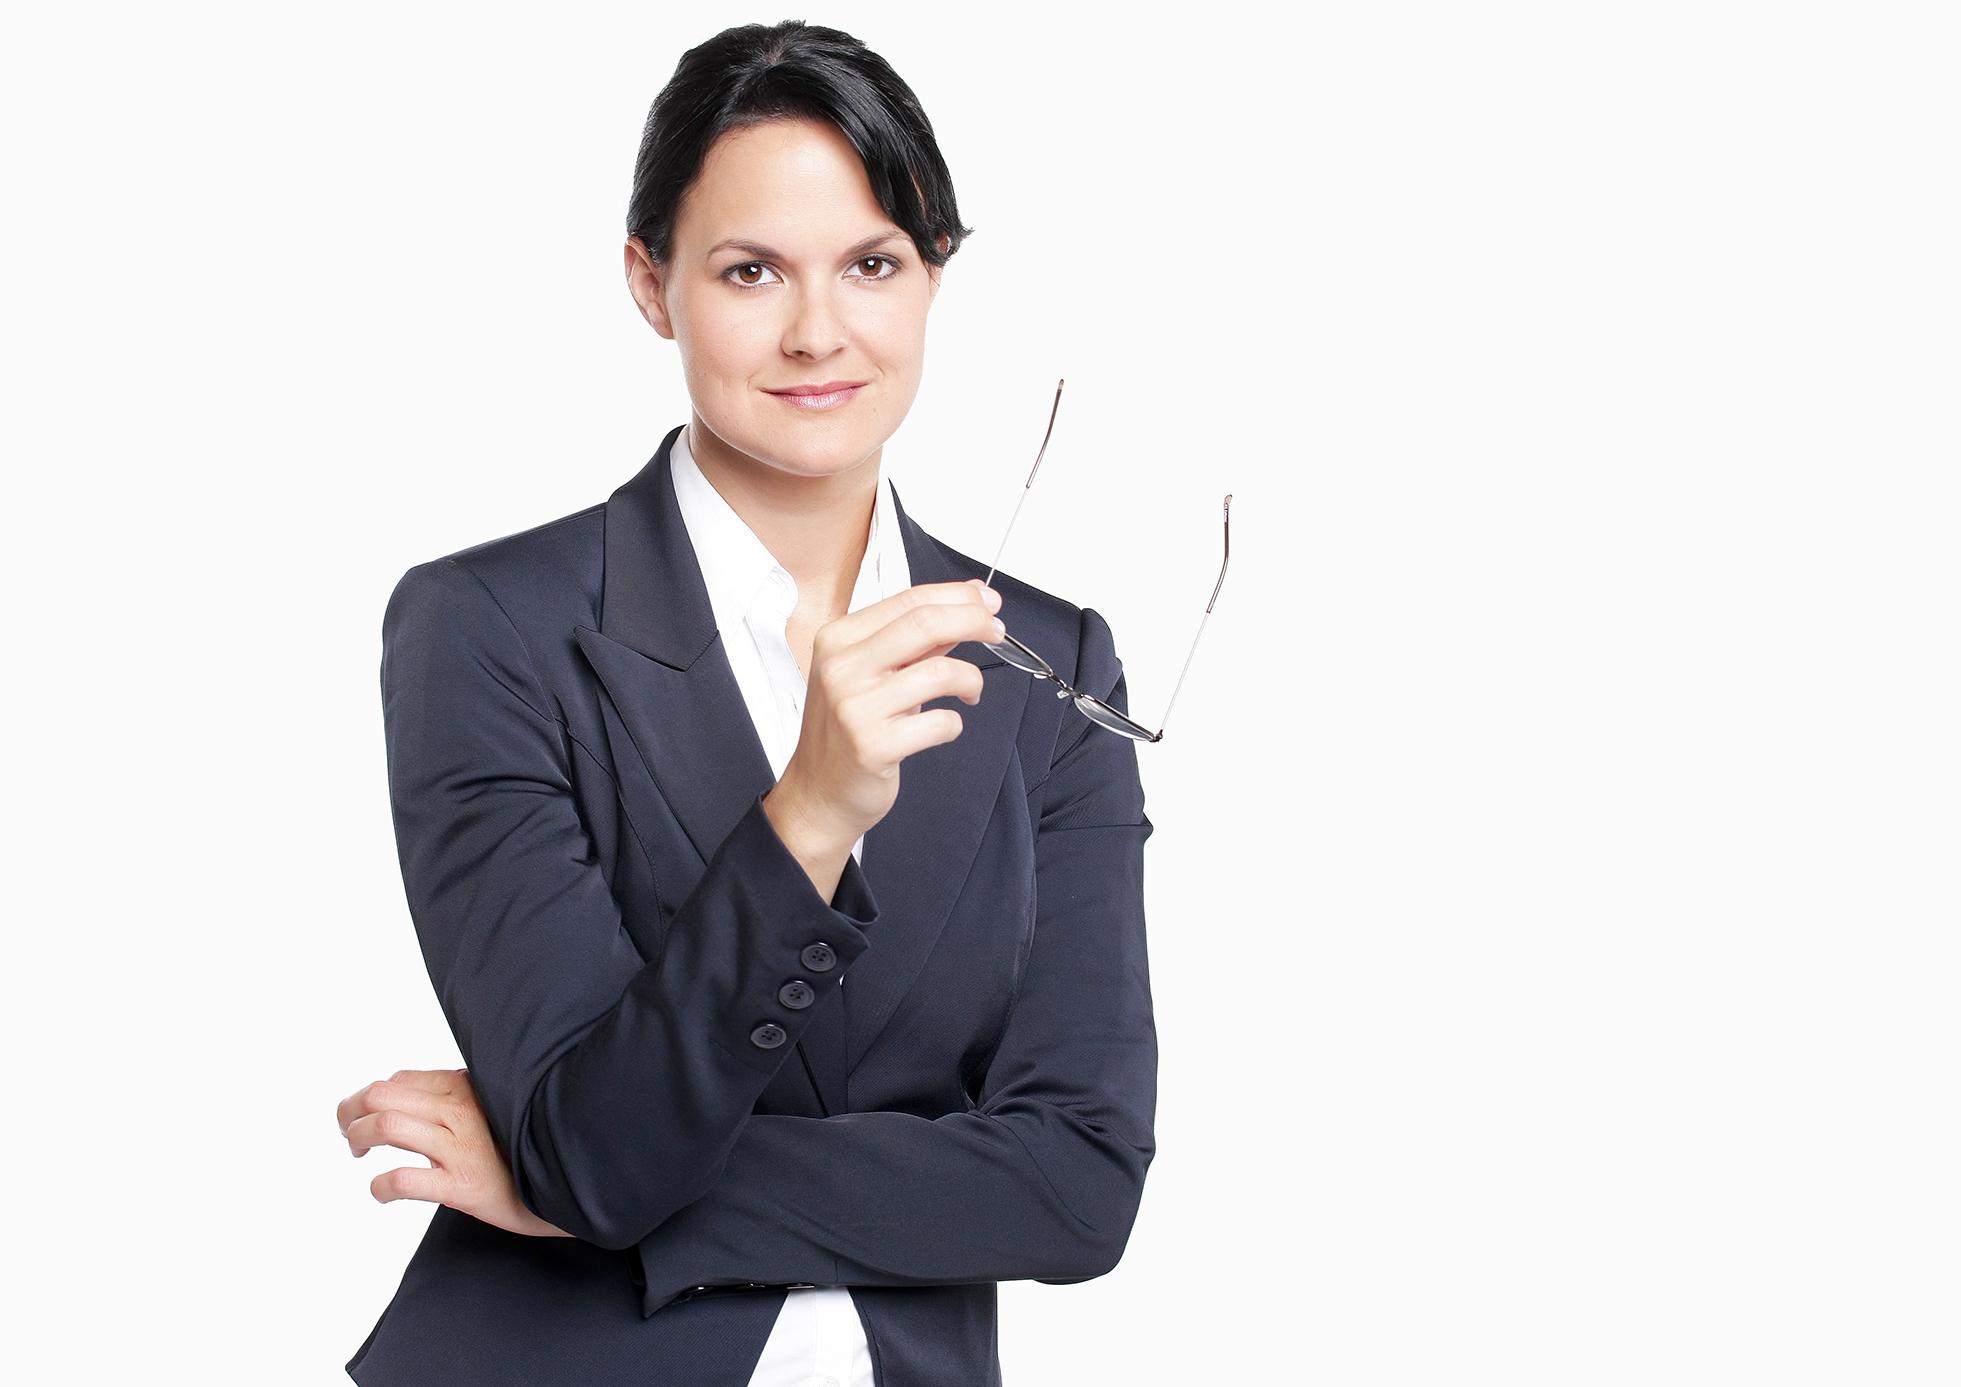 Linguaggio orientato al cliente